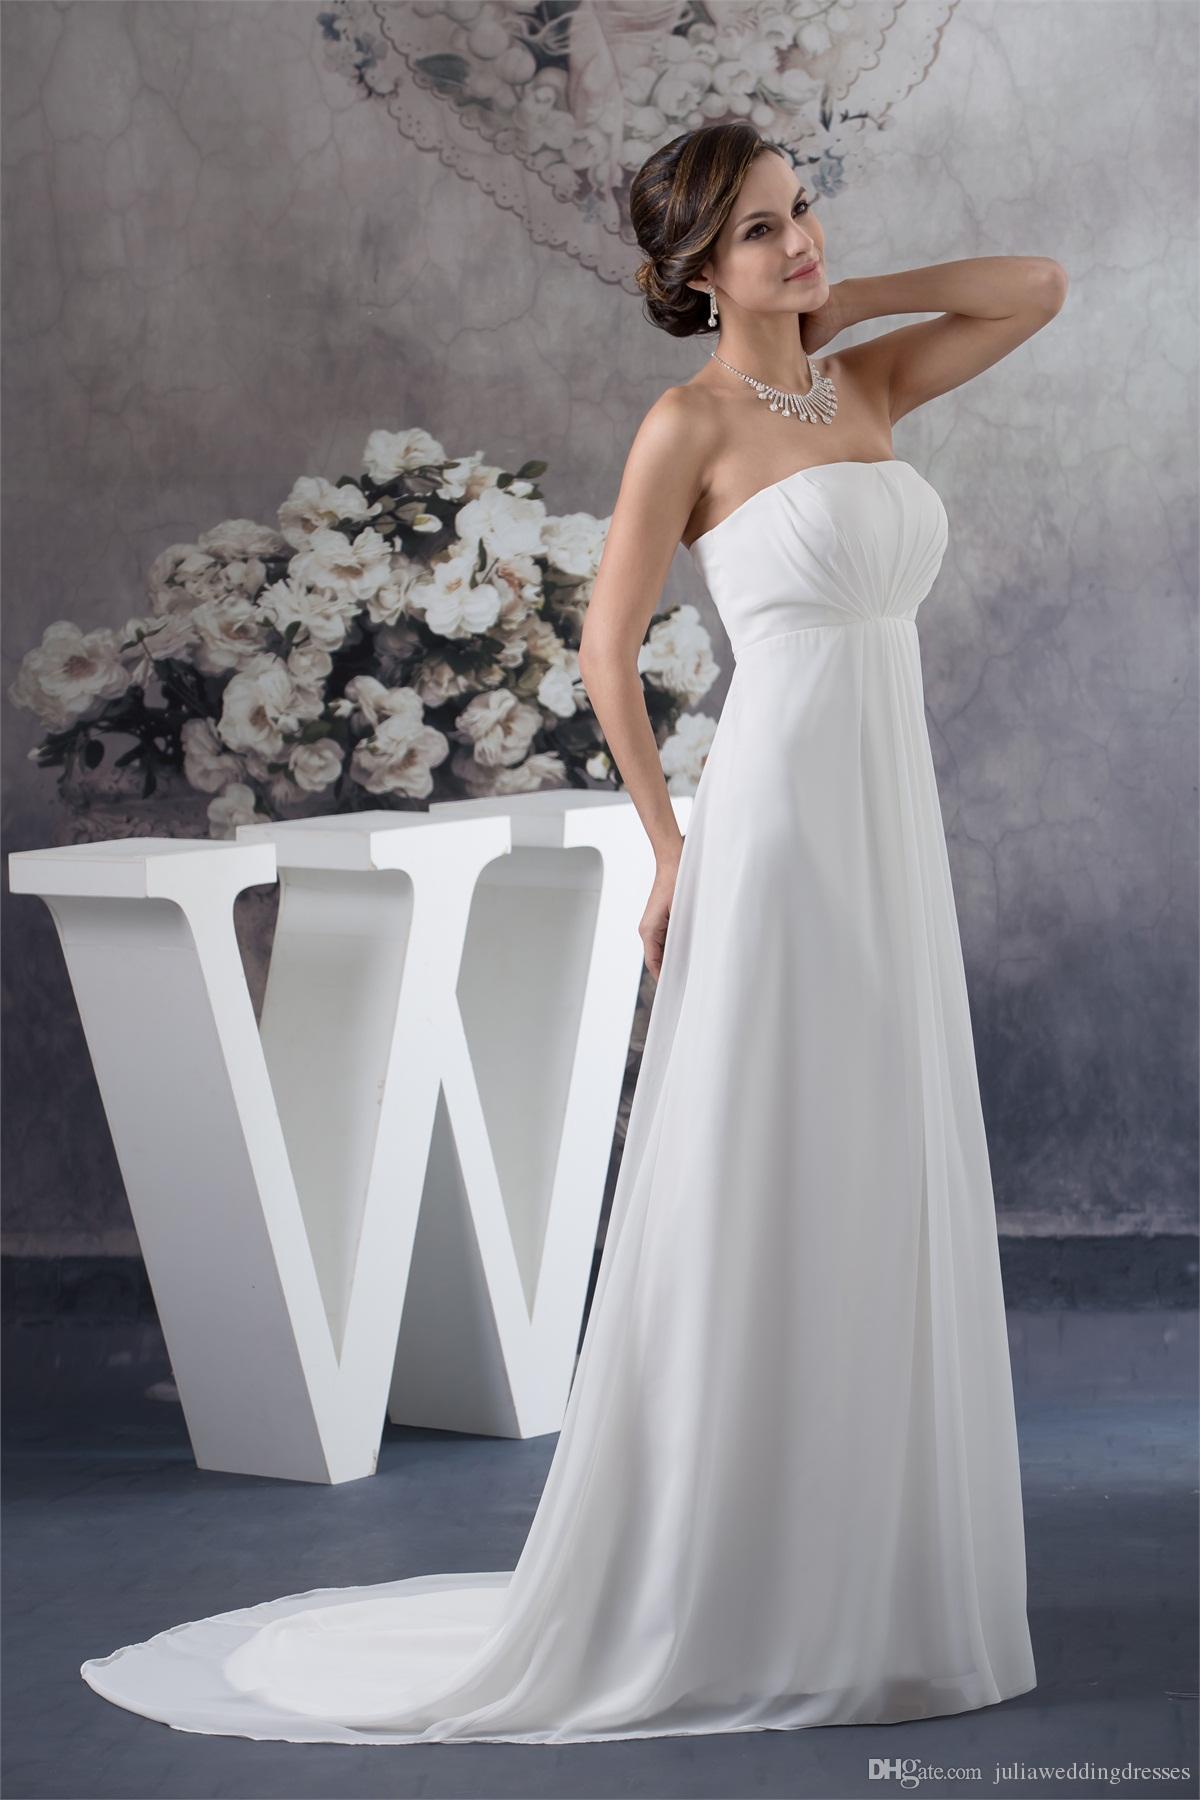 2017 mais novo elegante strapless chiffon vestidos de casamento a linha apliques frisada plus size festa de casamento vestidos de noiva bm46